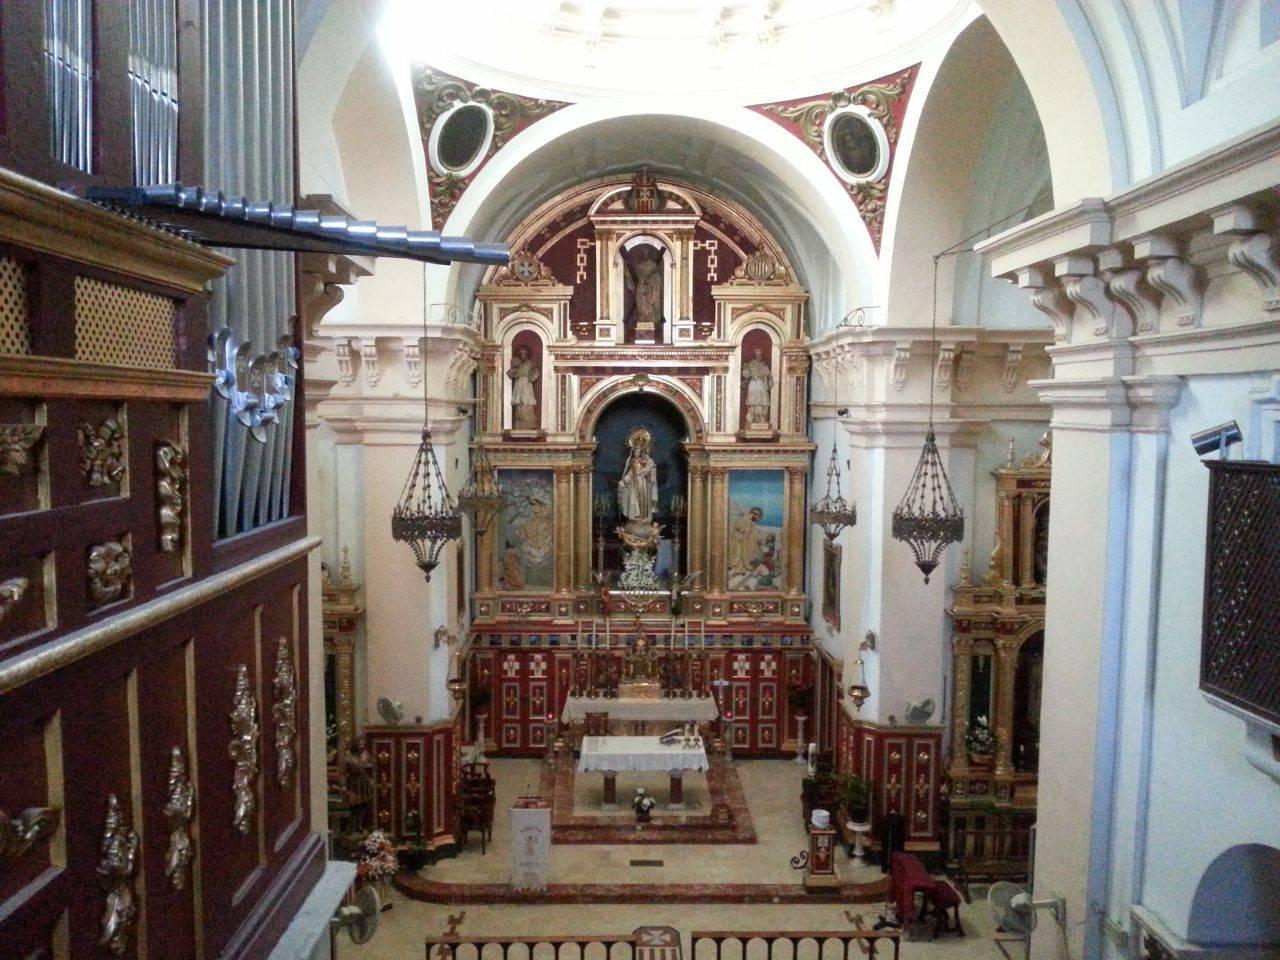 visita casa museo de la merced de herencia 16 05 2015 2 - Visita a la casa-museo de La Merced para conmemorar el Día Internacional de los Museos